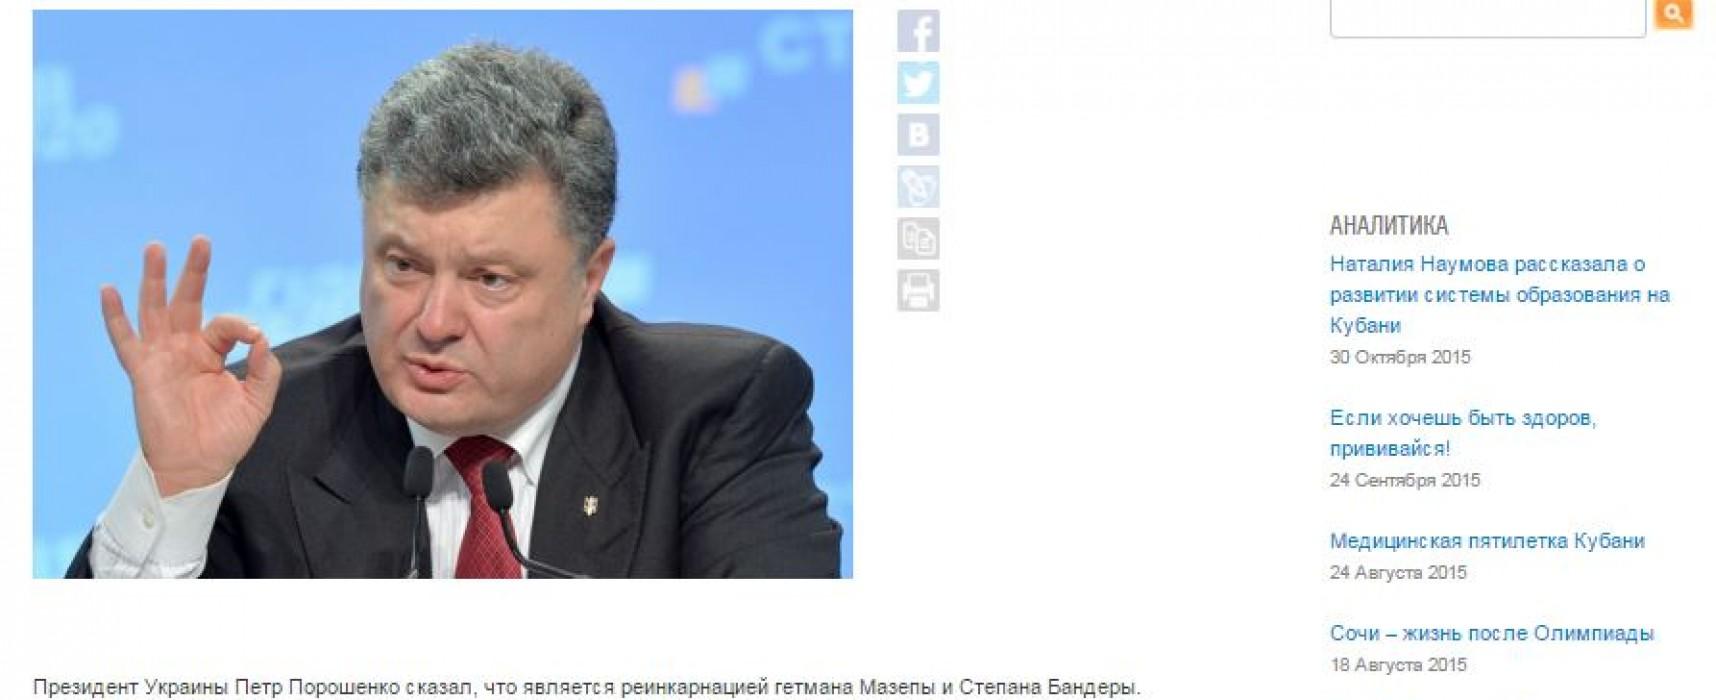 Fake : Poroshenko asserisce di essere la reincarnazione di un Cosacco e di un leader Nazionalista